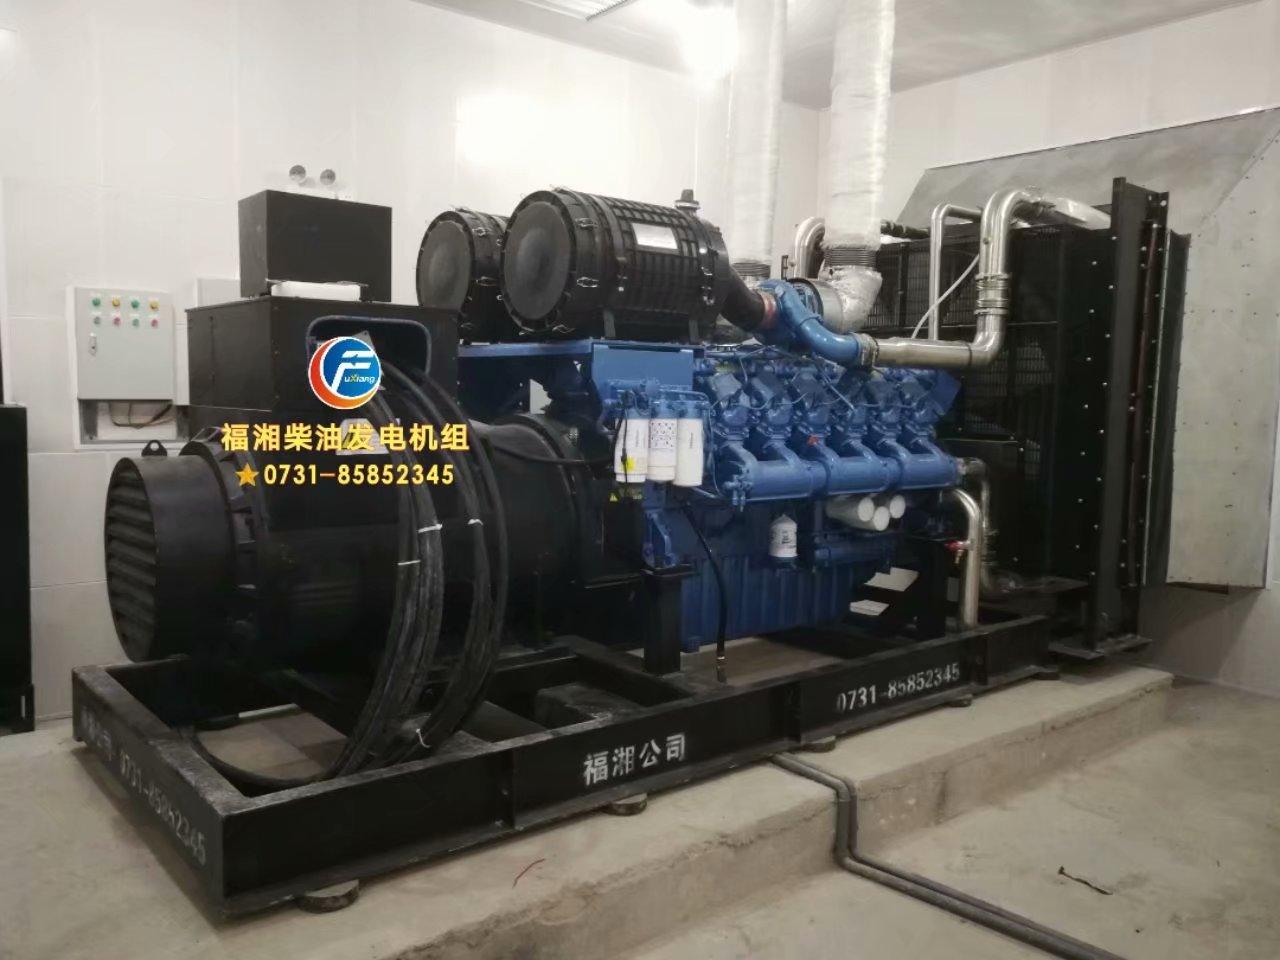 福湘发电设备有限公司900KW潍柴博杜安配套道依茨发电机交货用户